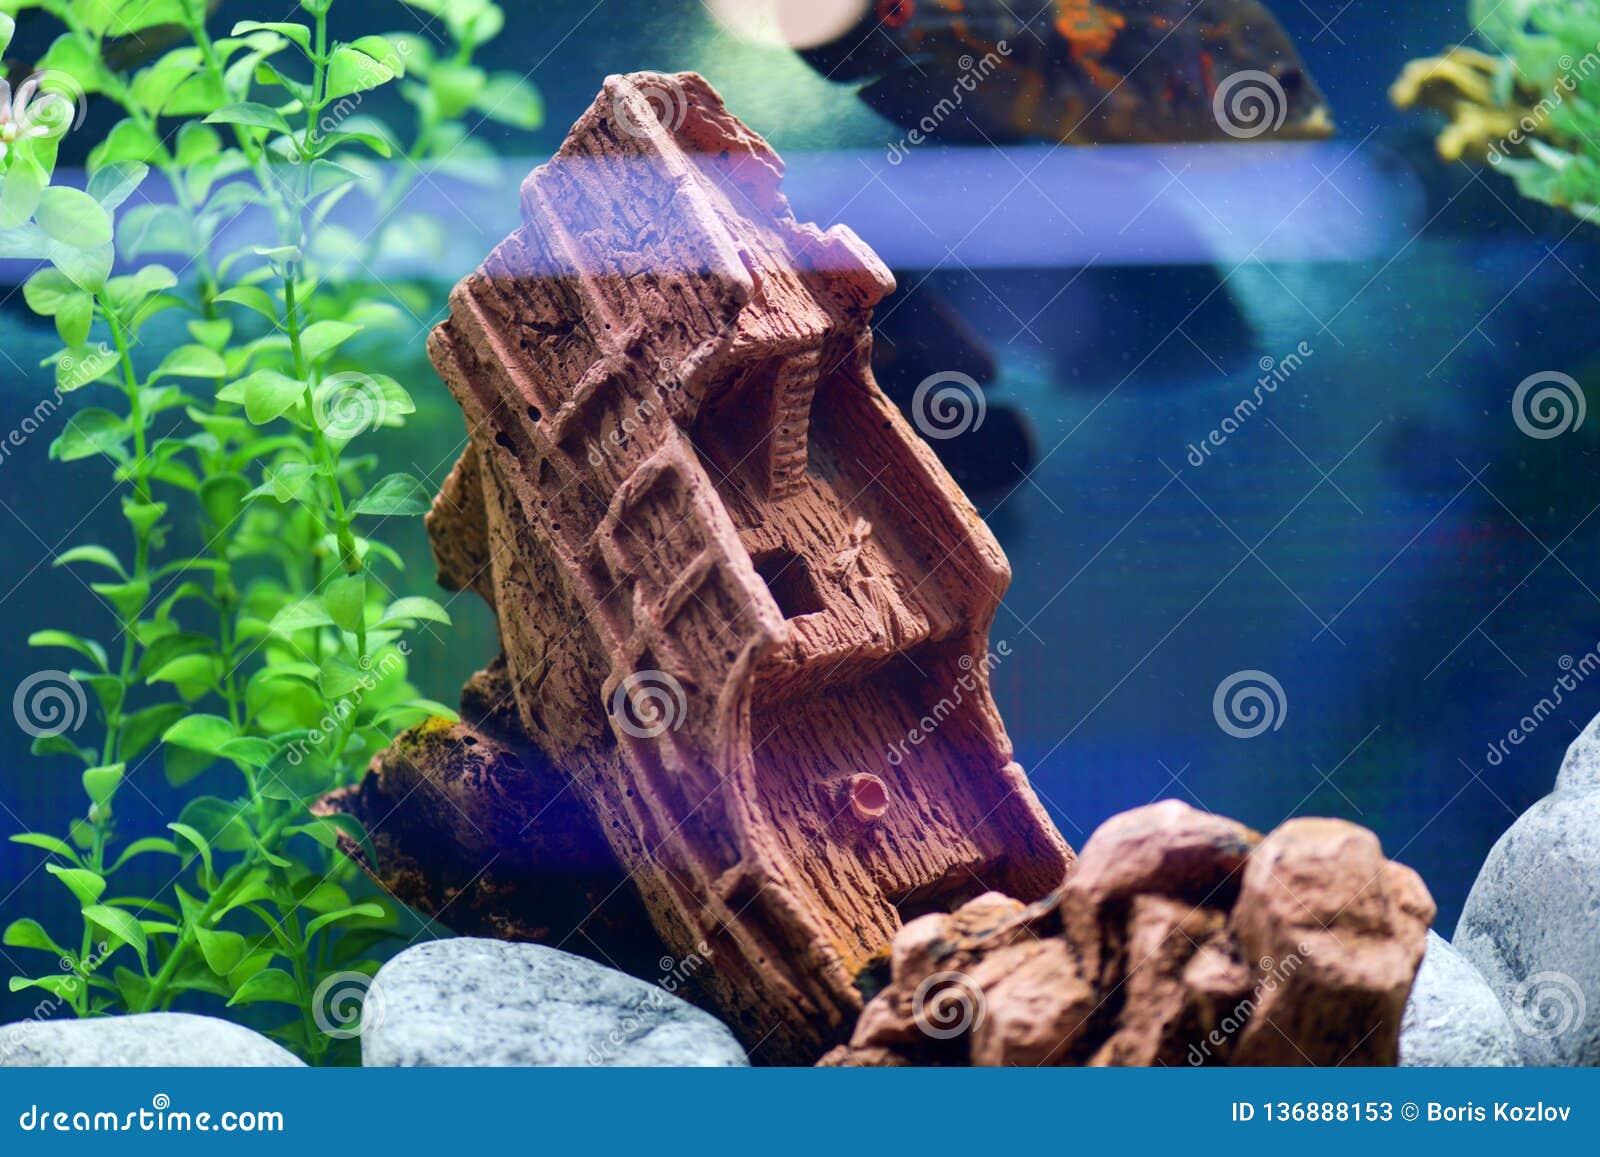 Όμορφο και δημιουργικό σχέδιο του ενυδρείο-βυθισμένου σκάφους σε ένα μπλε υπόβαθρο